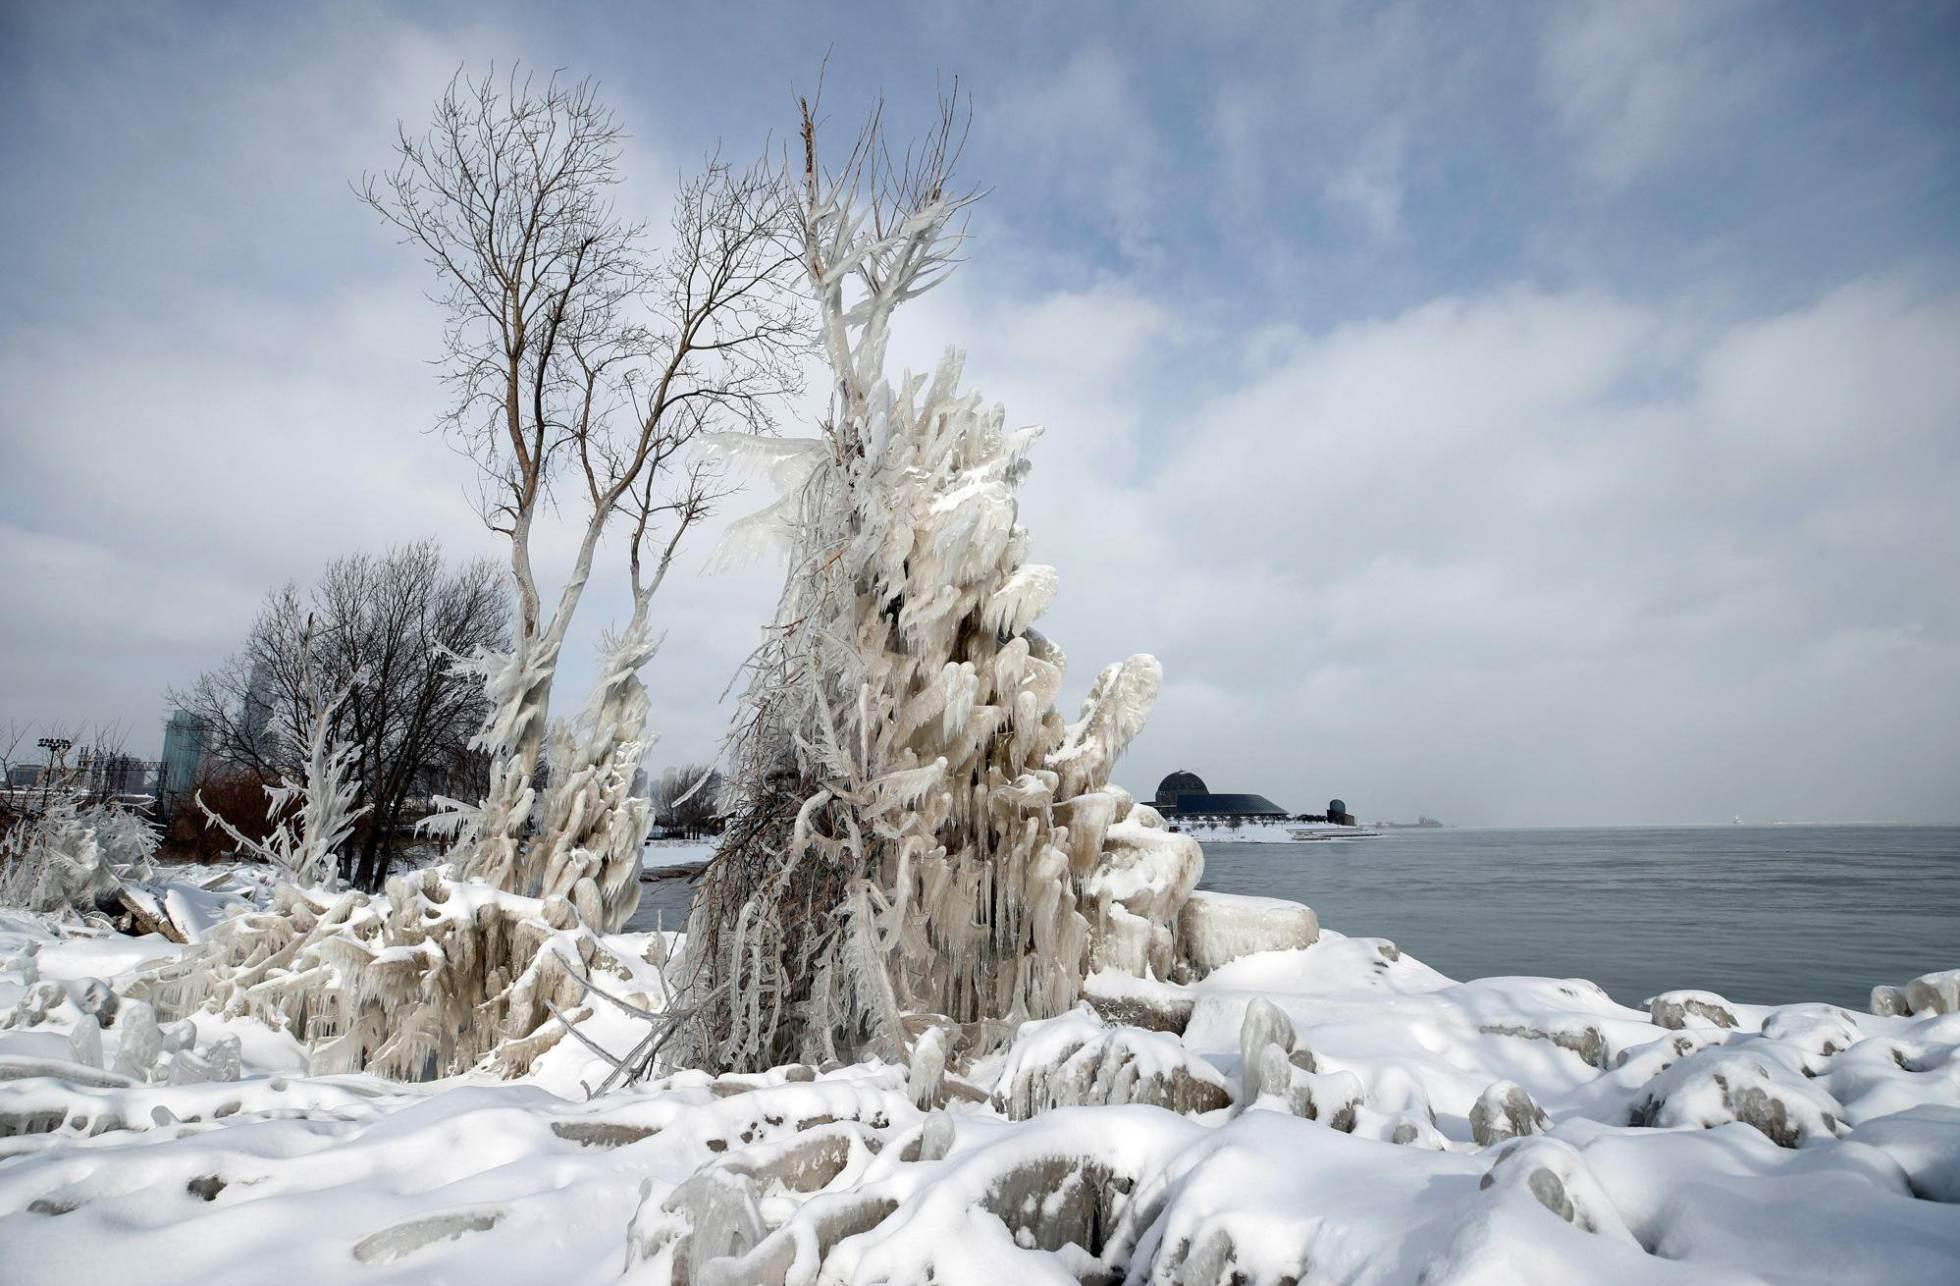 Vista de las aguas heladas del lago Michigan en Chicago.